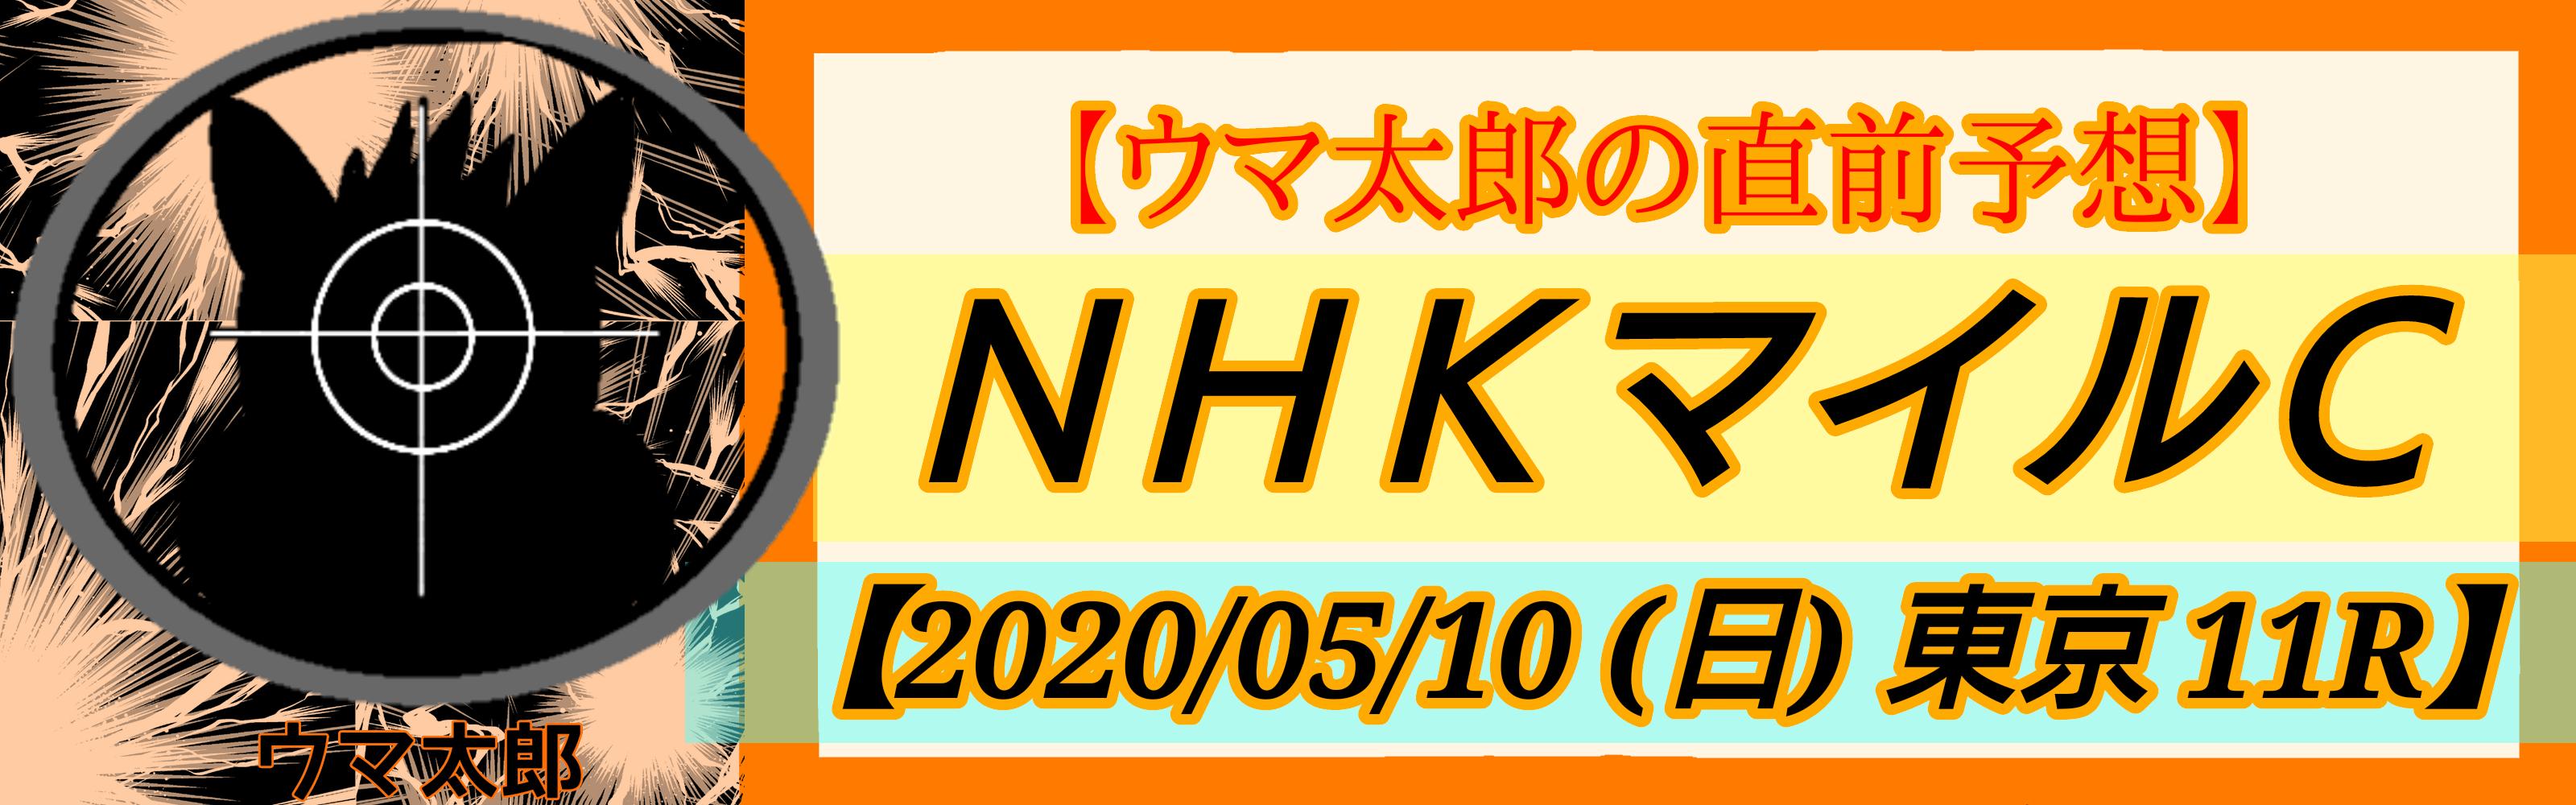 2020 NHKマイルC 直前予想